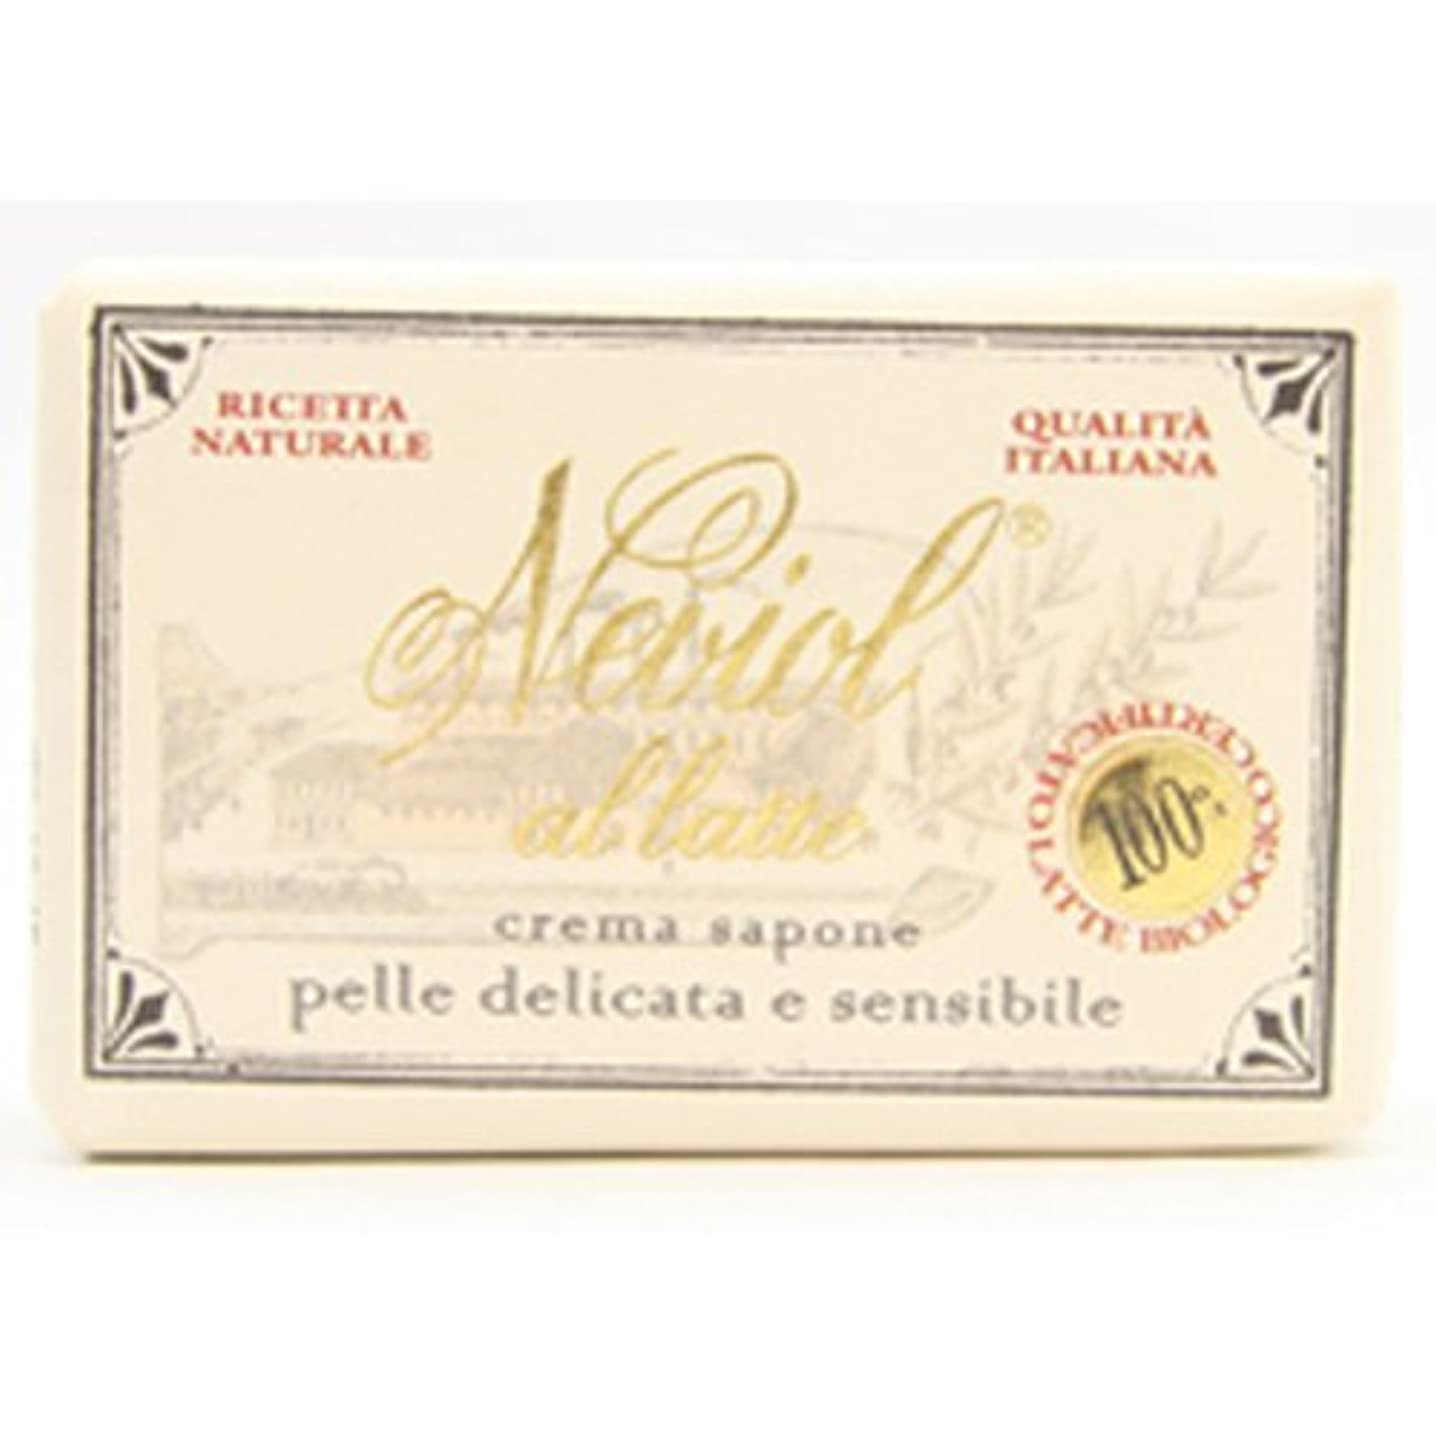 陰謀粘土ターゲットSaponerire Fissi  サポネリーフィッシー milk baby soap ミルク ベビー ソープ 150g cream sapone